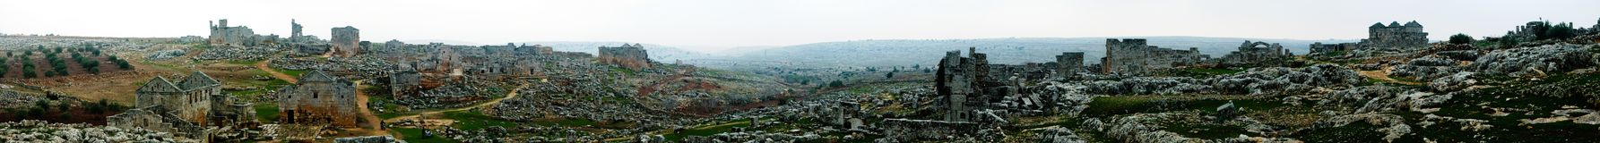 Panorama de la ciudad muerta abandonada arruinada Serjilla en Siria foto de archivo